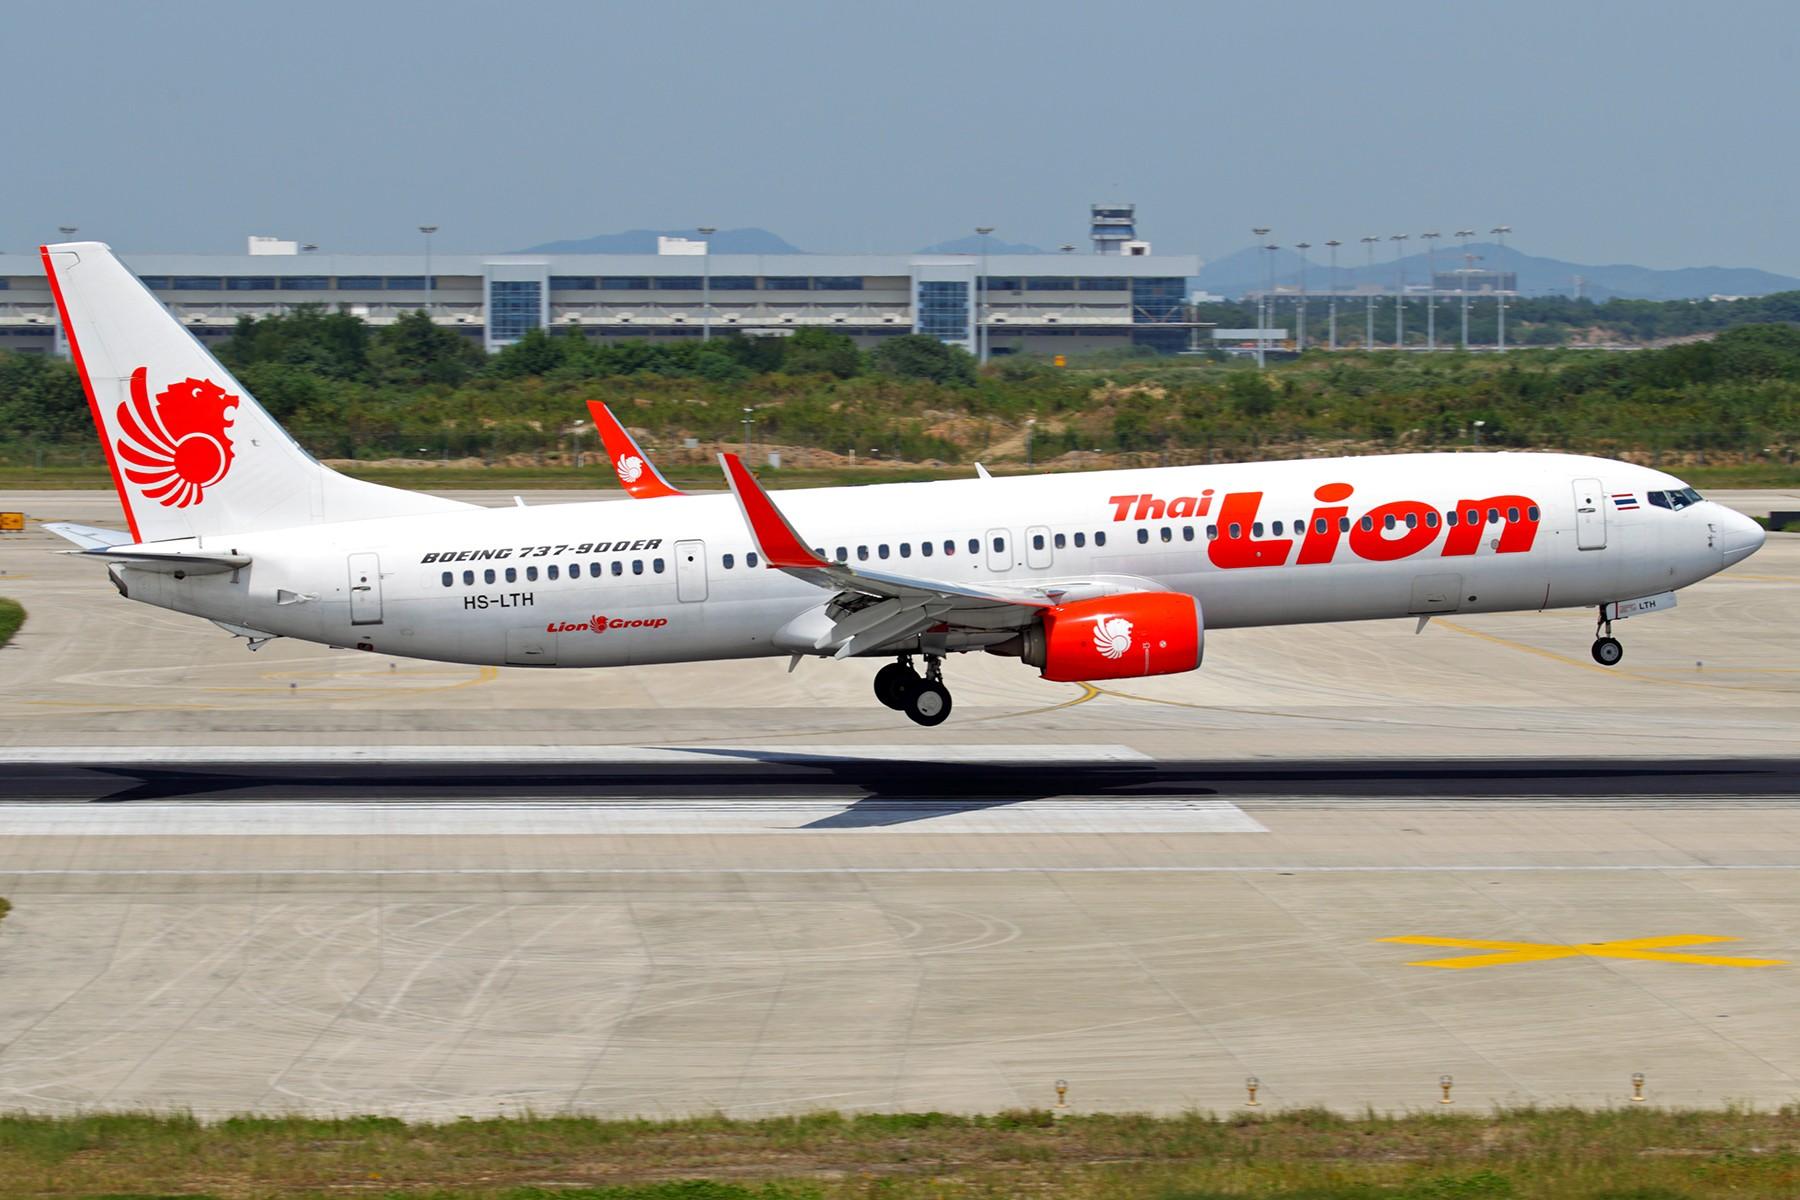 [原创]【BLDDQ】******午休站坡,还有些收获的****** BOEING 737-900ER HS-LTH 中国南京禄口国际机场